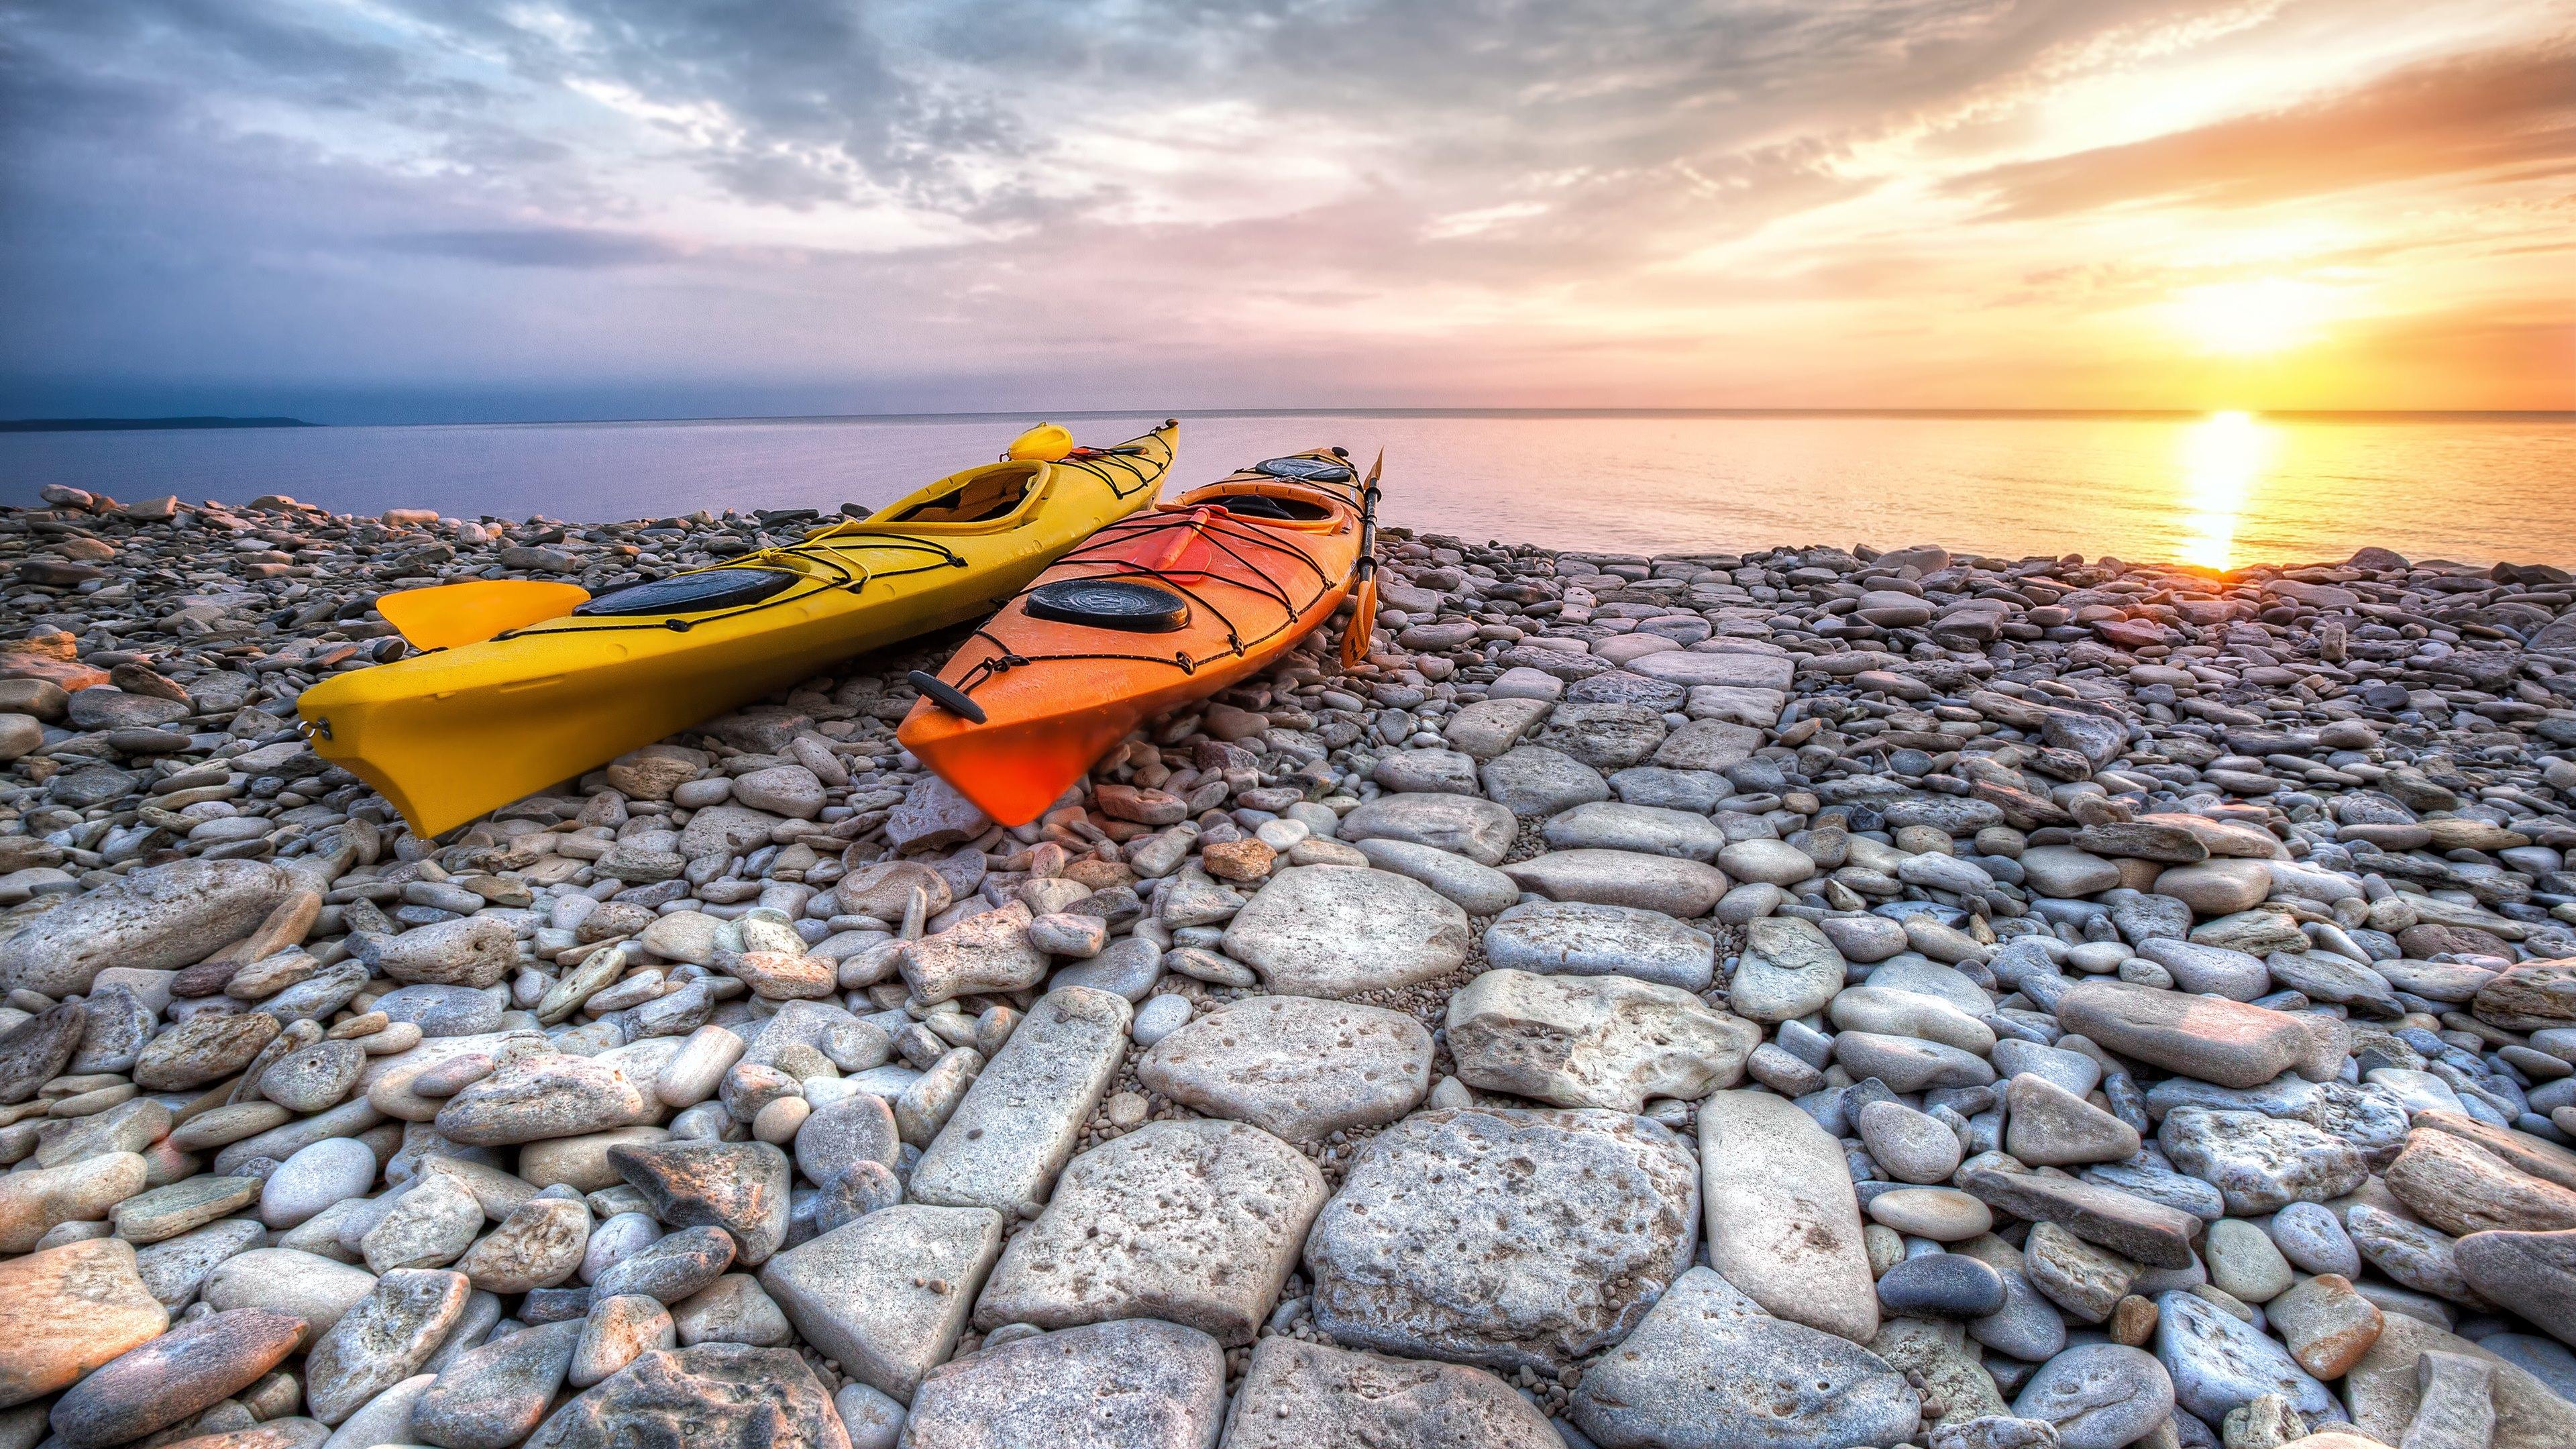 1 Kayak Fondos de pantalla HD | Fondos de Escritorio ...